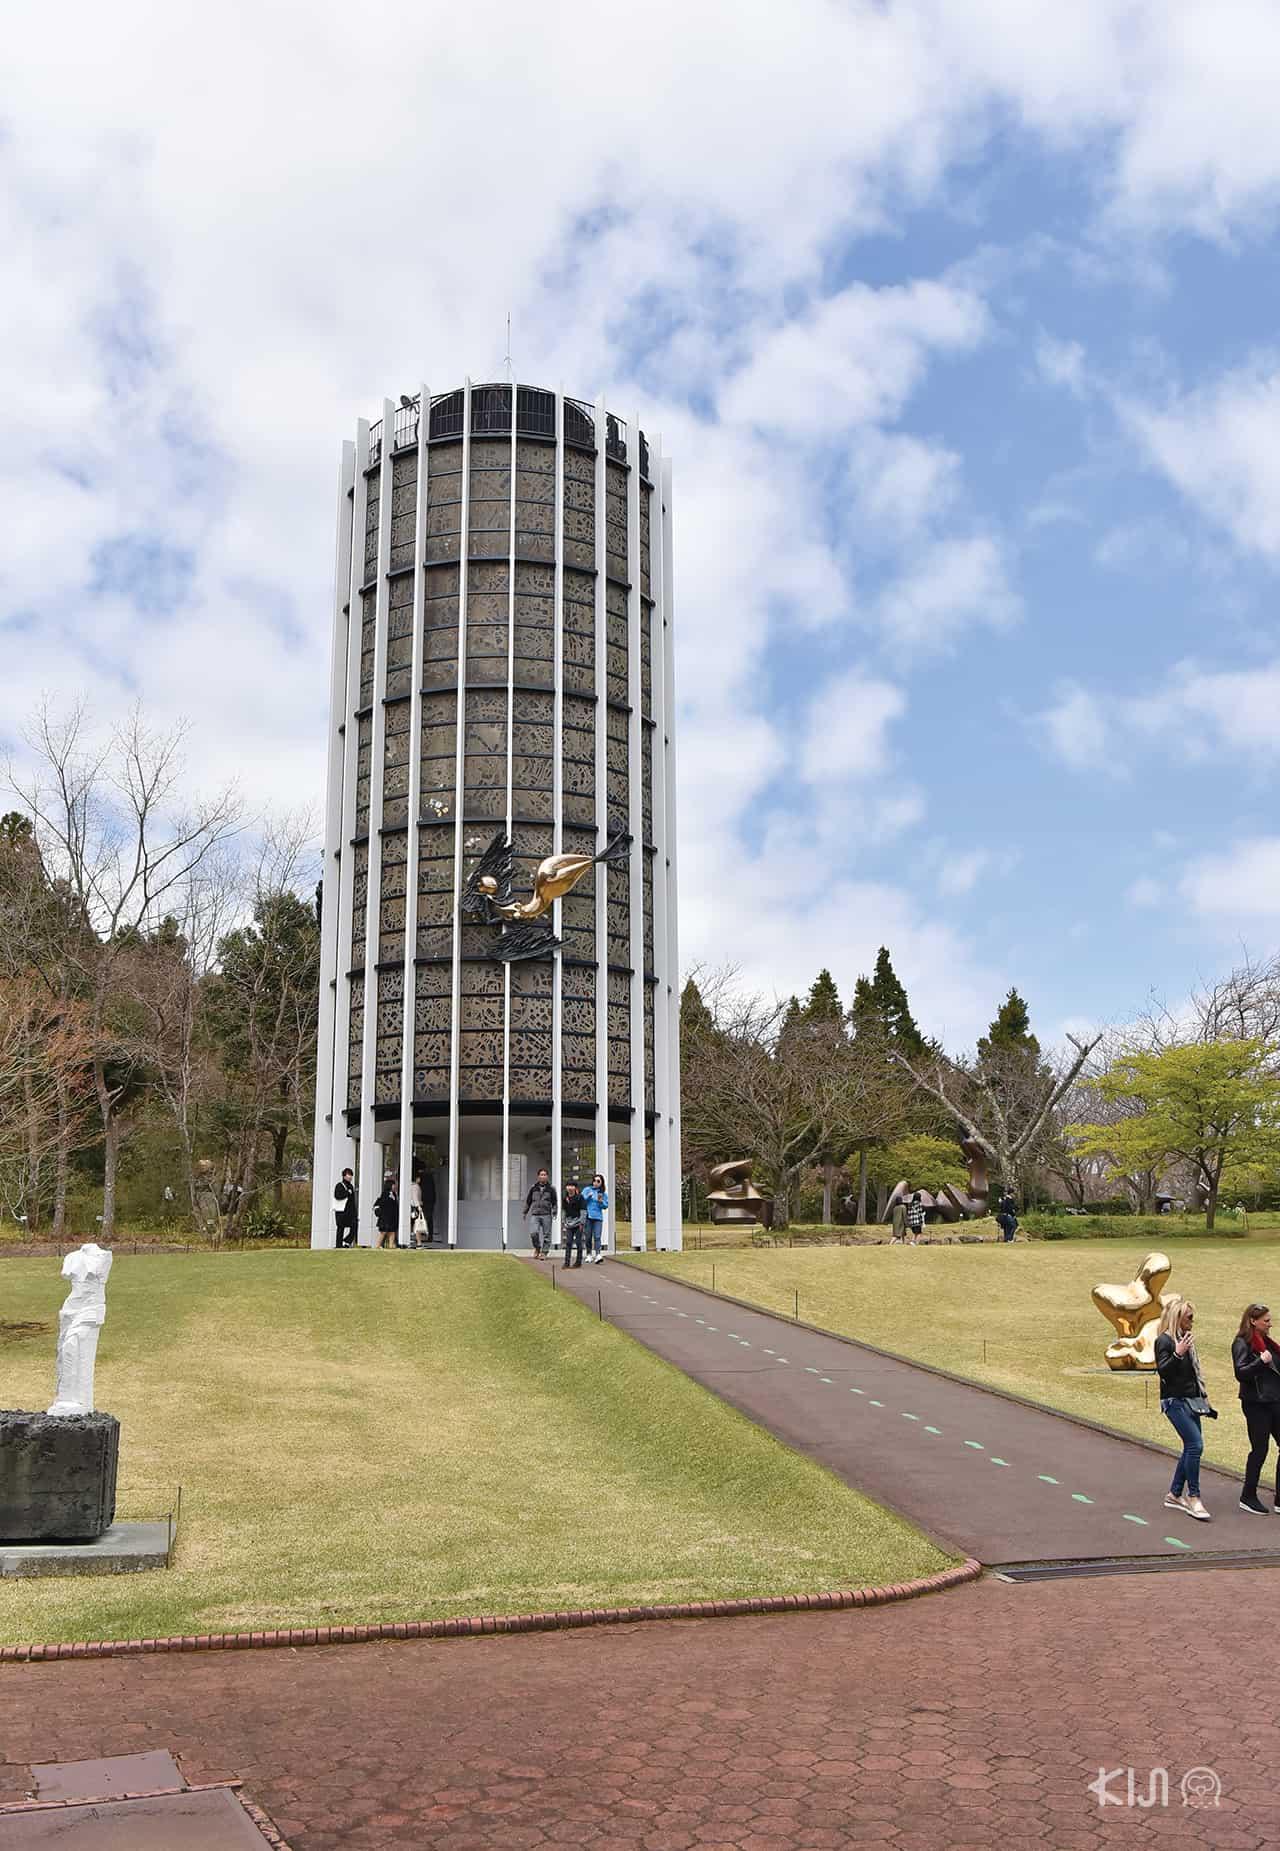 traveling to HAKONE AND KAMAKURA: Hakone Museum of the Day